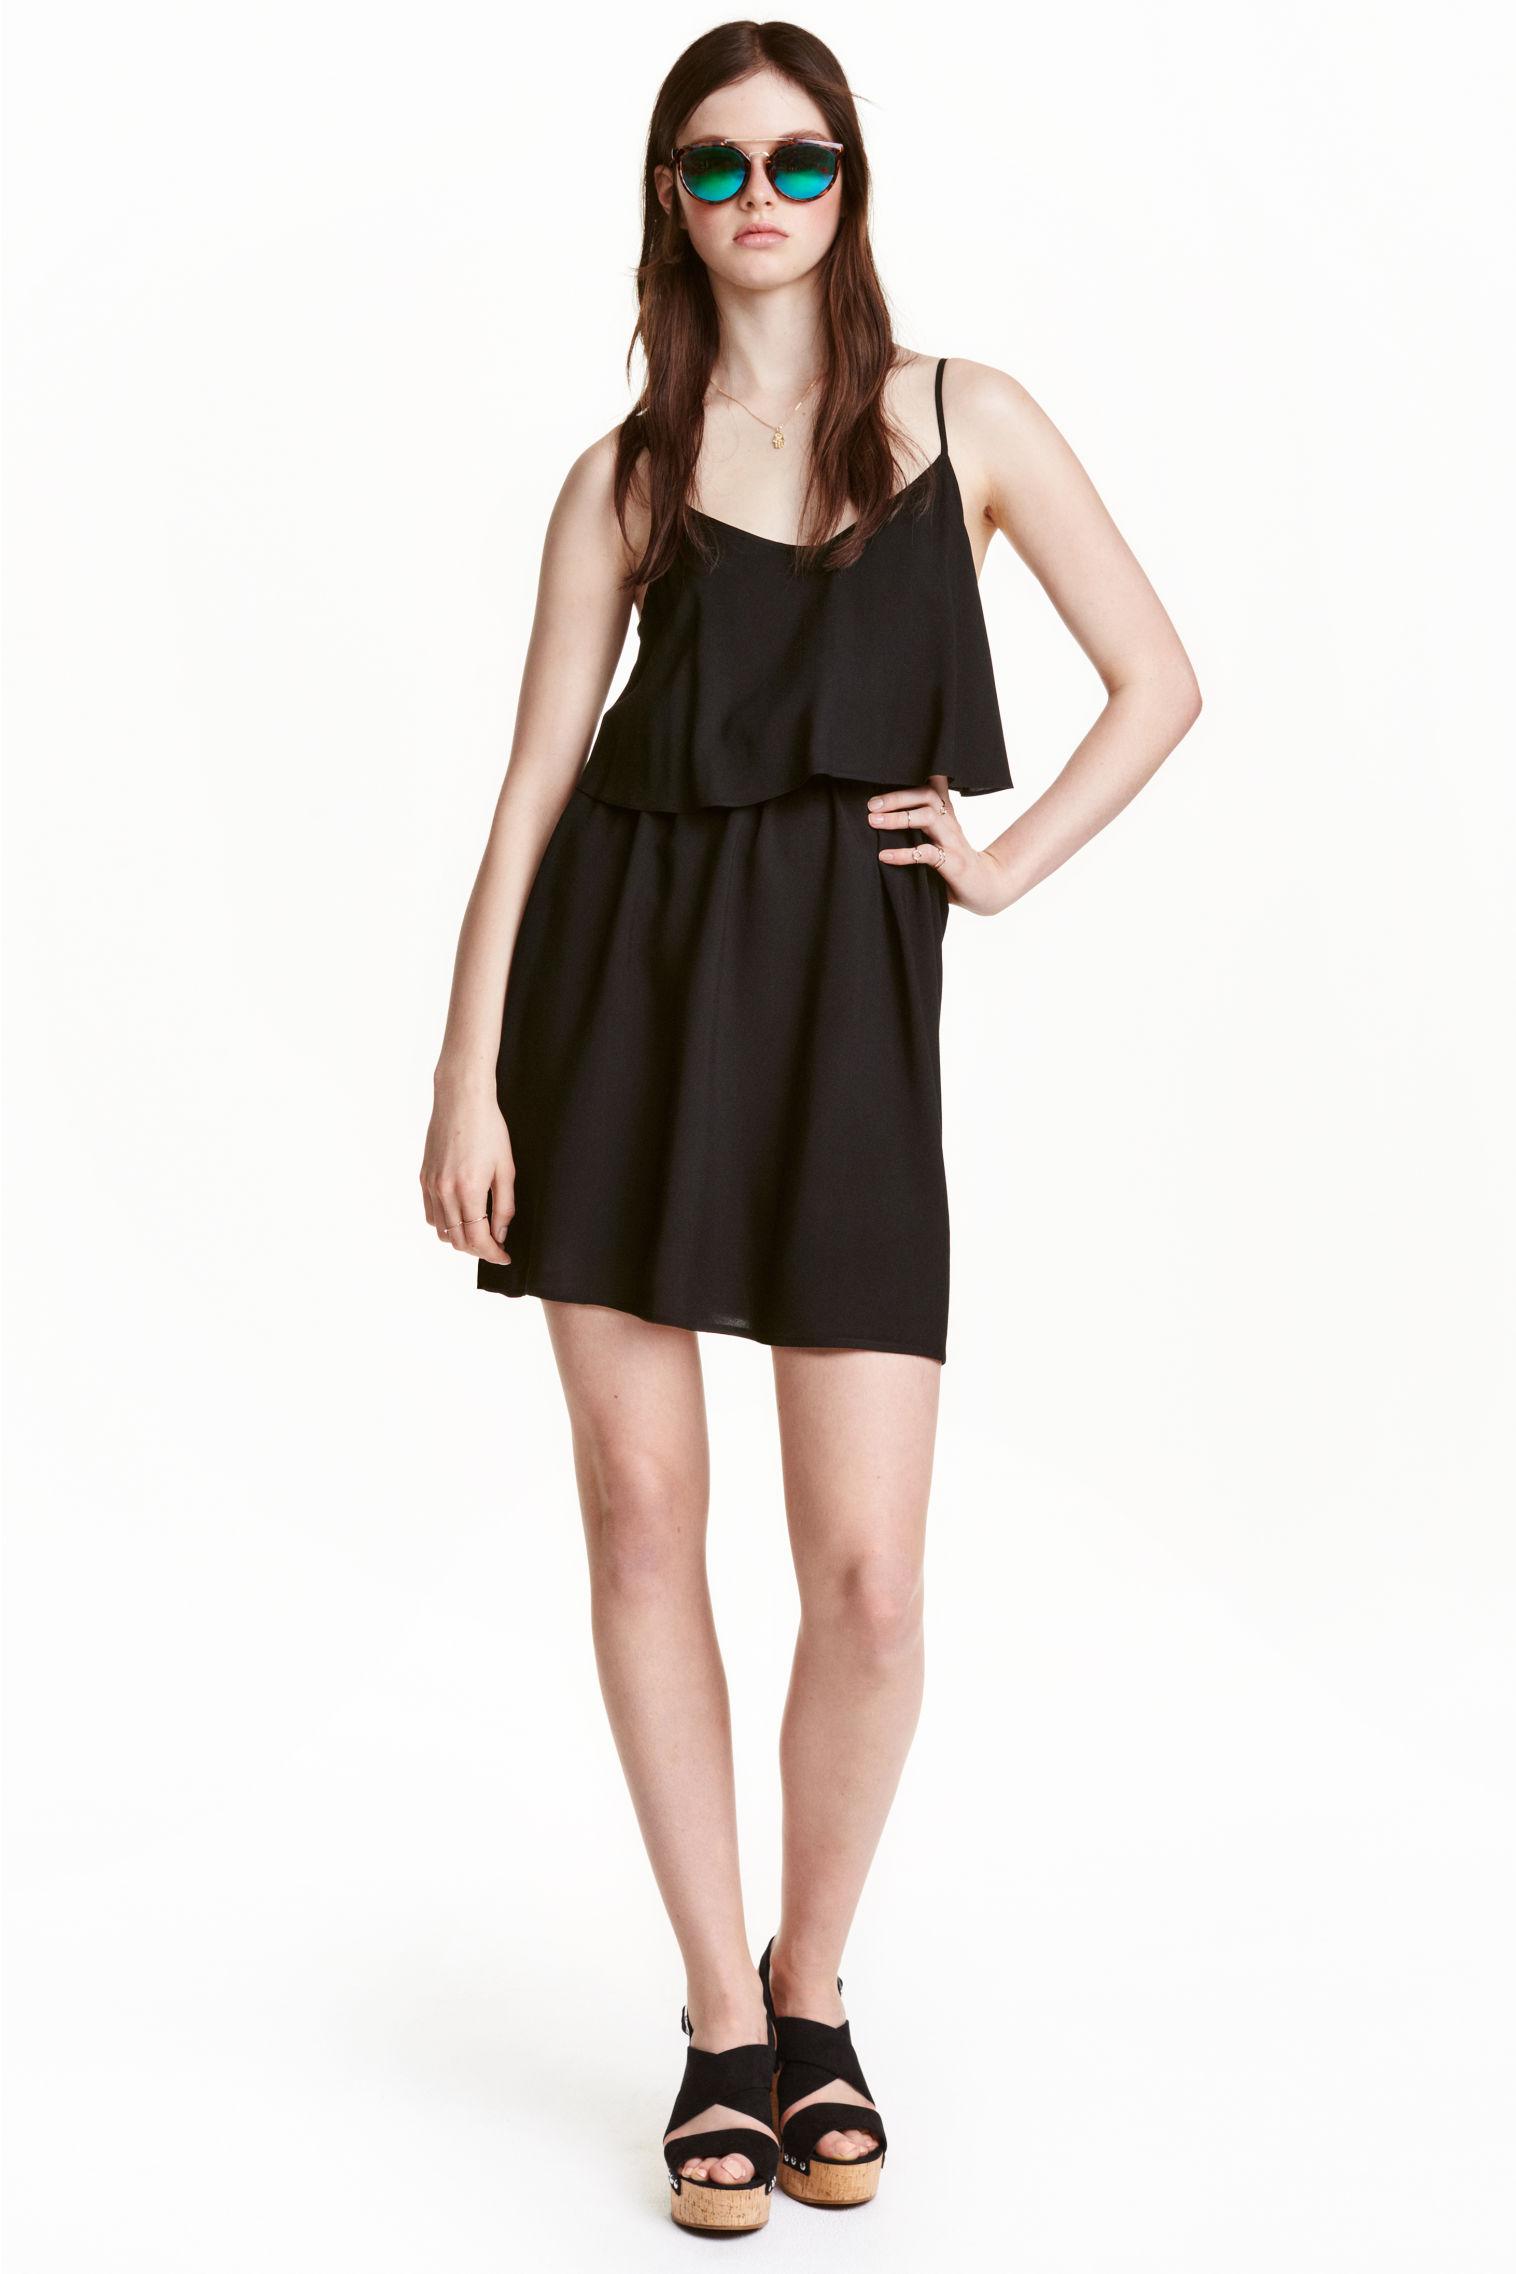 Black dress in h m - Black Dress In H M 10